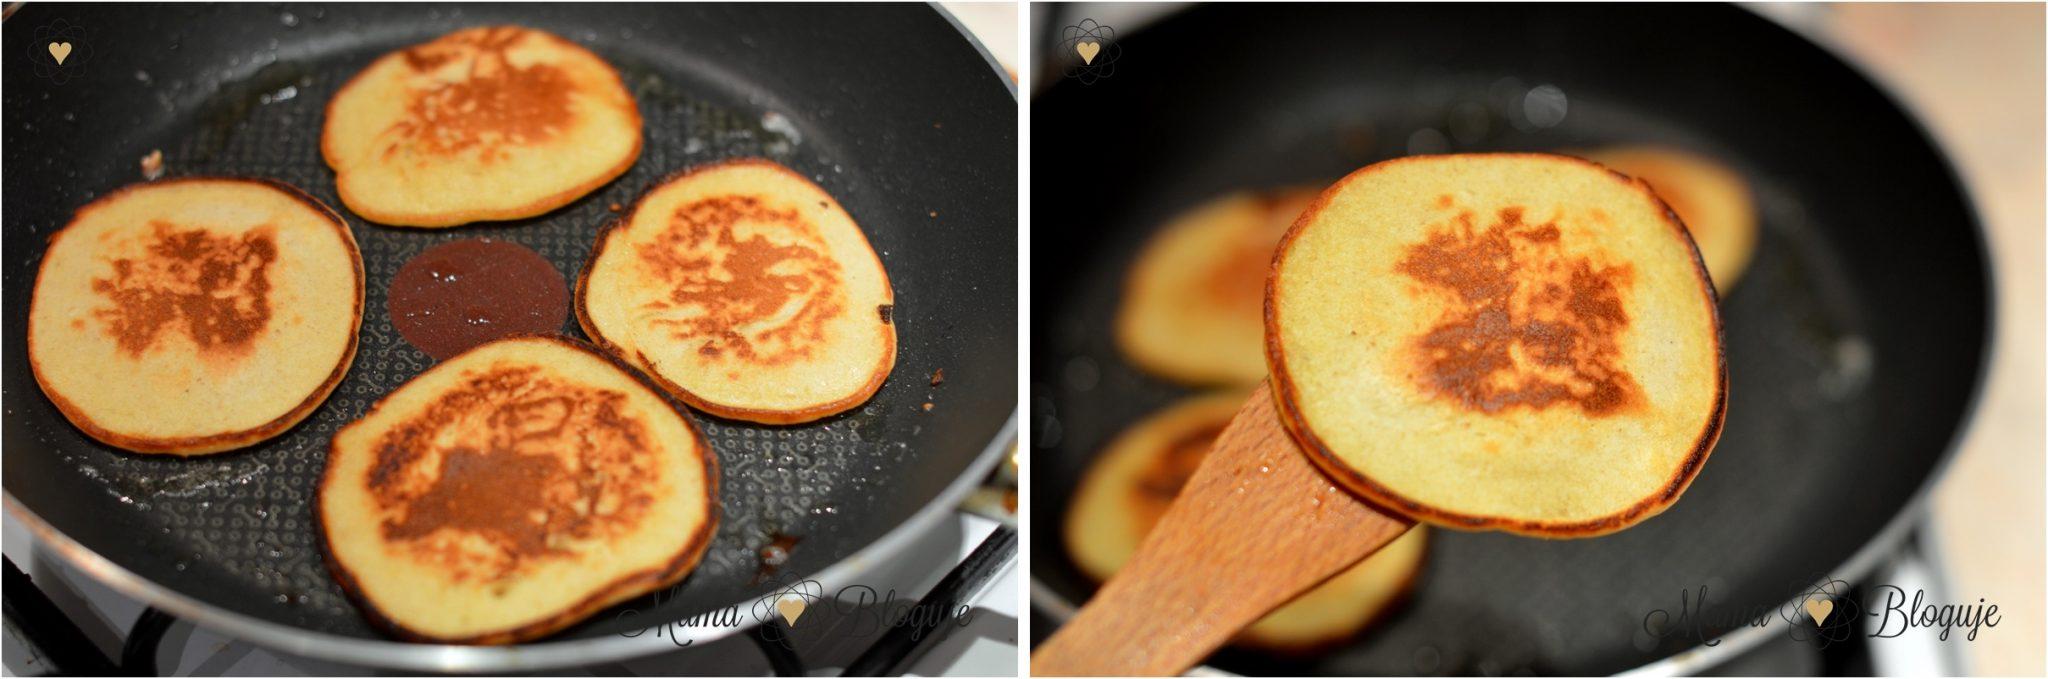 pancakes dla JUNIORA 1-horz